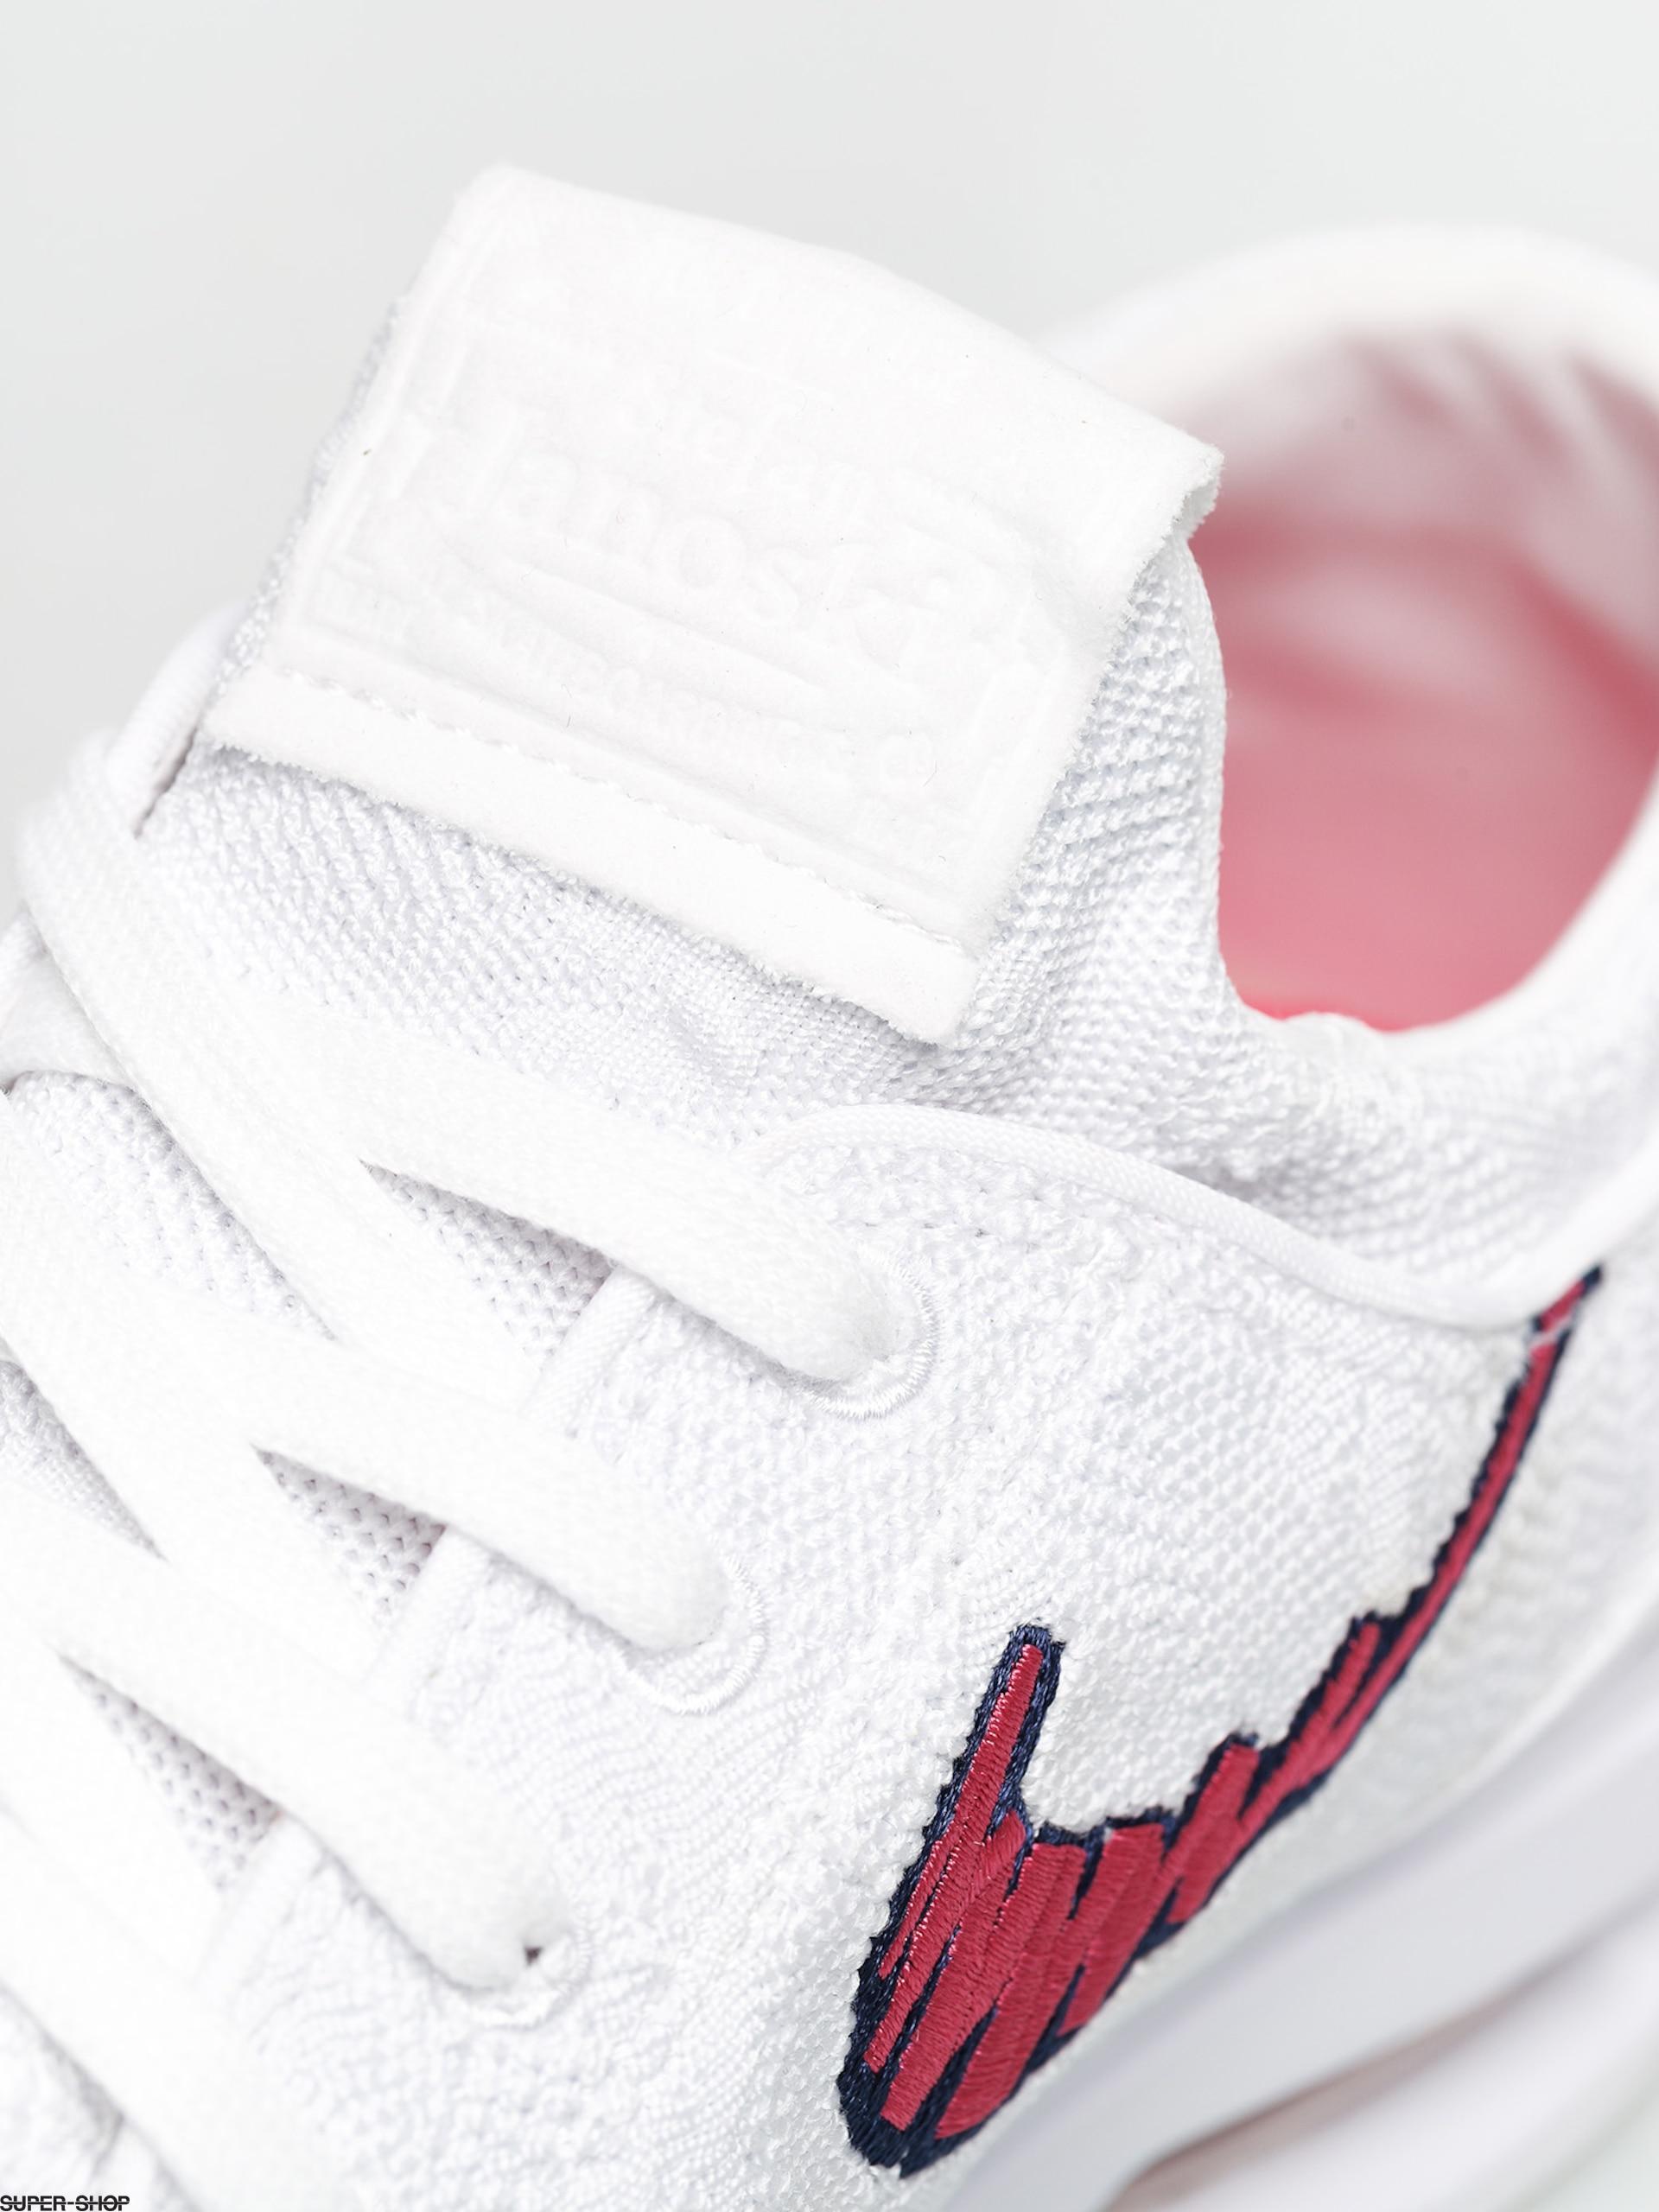 Nike SB Air Max Janoski 2 Skate Shoe